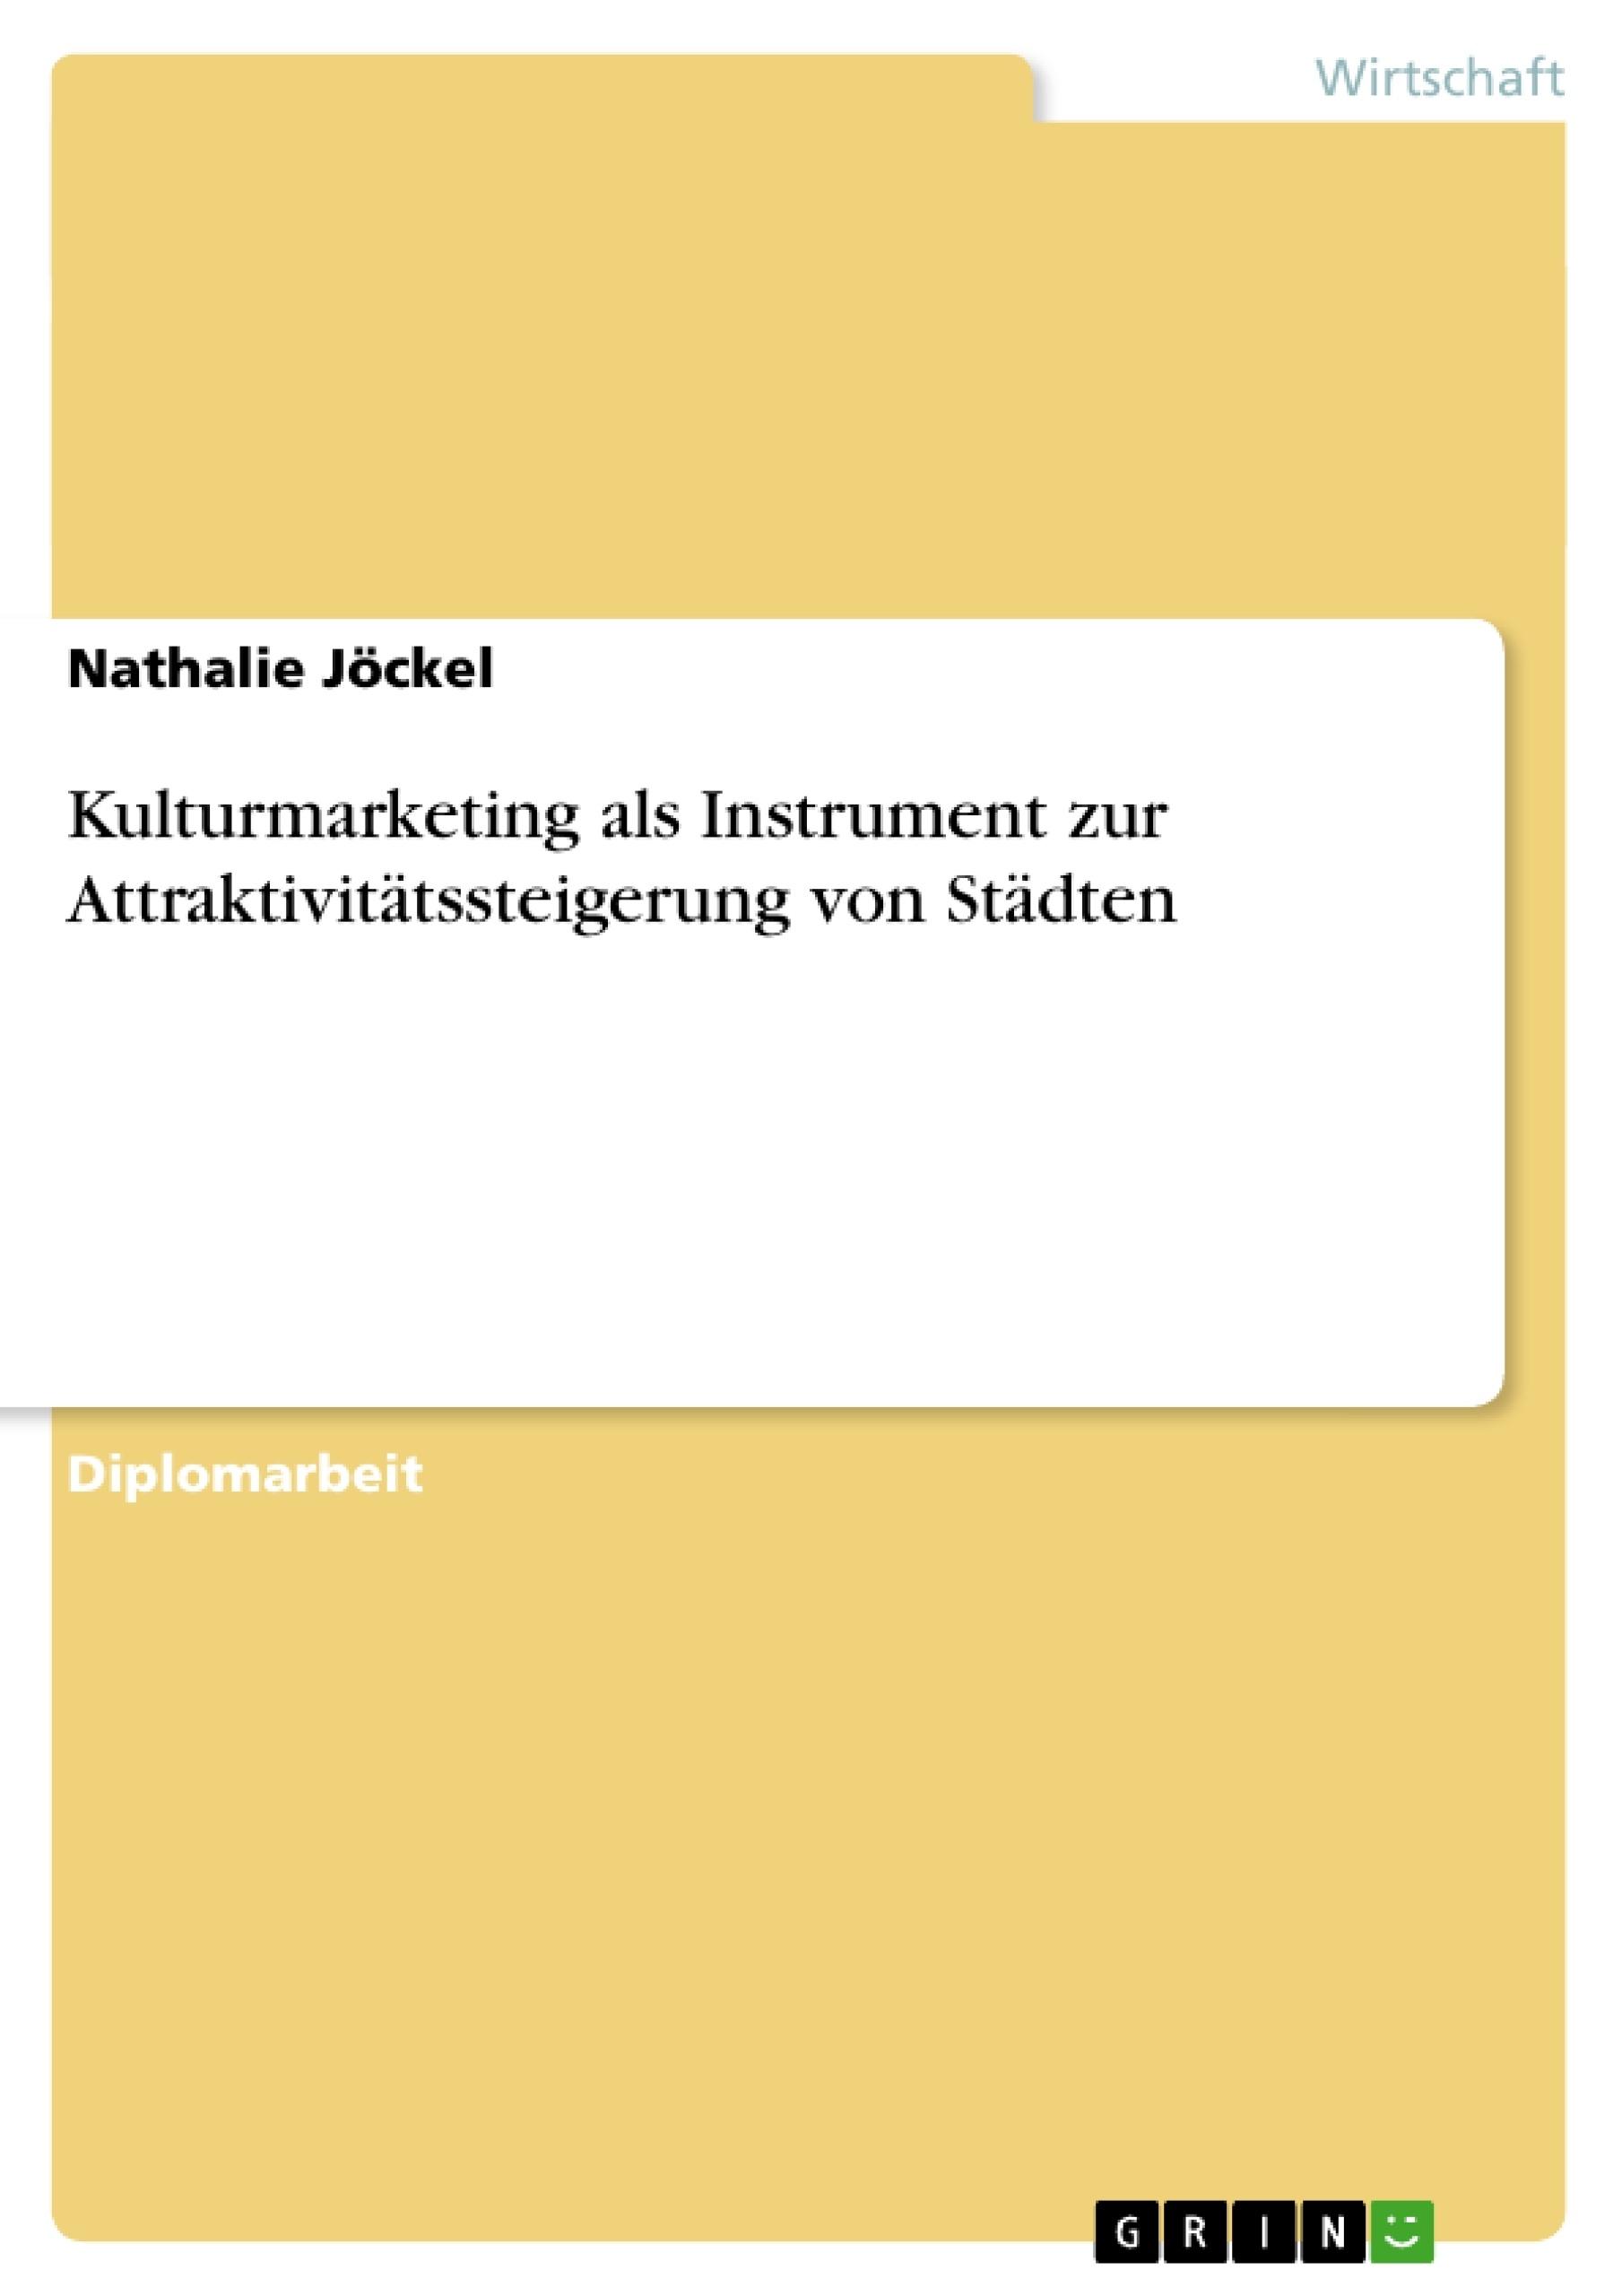 Titel: Kulturmarketing als Instrument zur Attraktivitätssteigerung von Städten